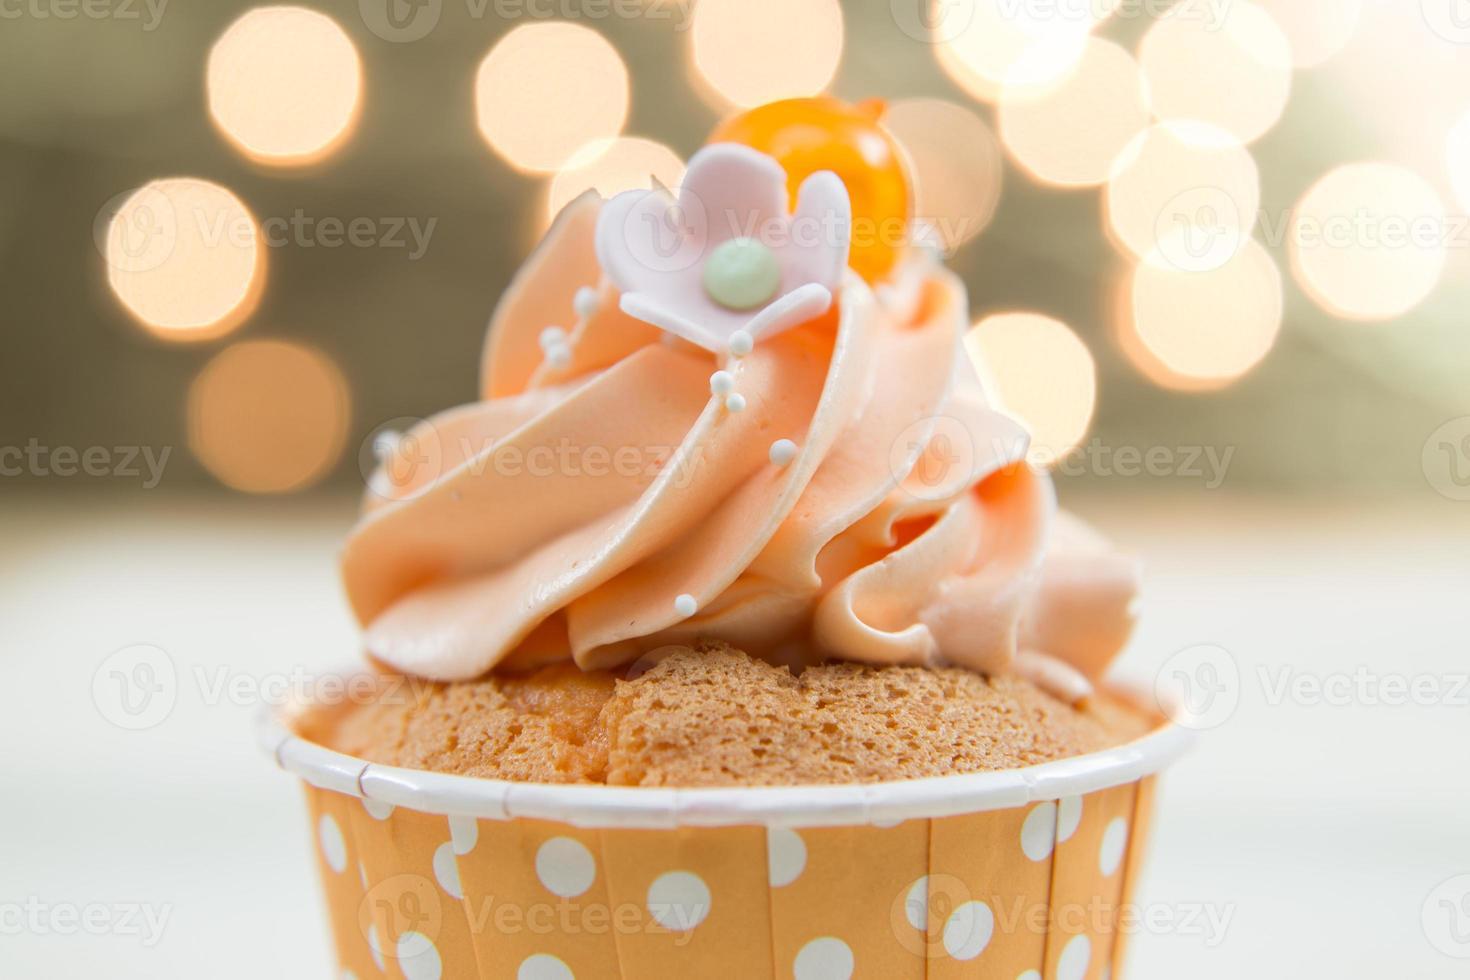 délicieux petit gâteau à la crème au beurre photo